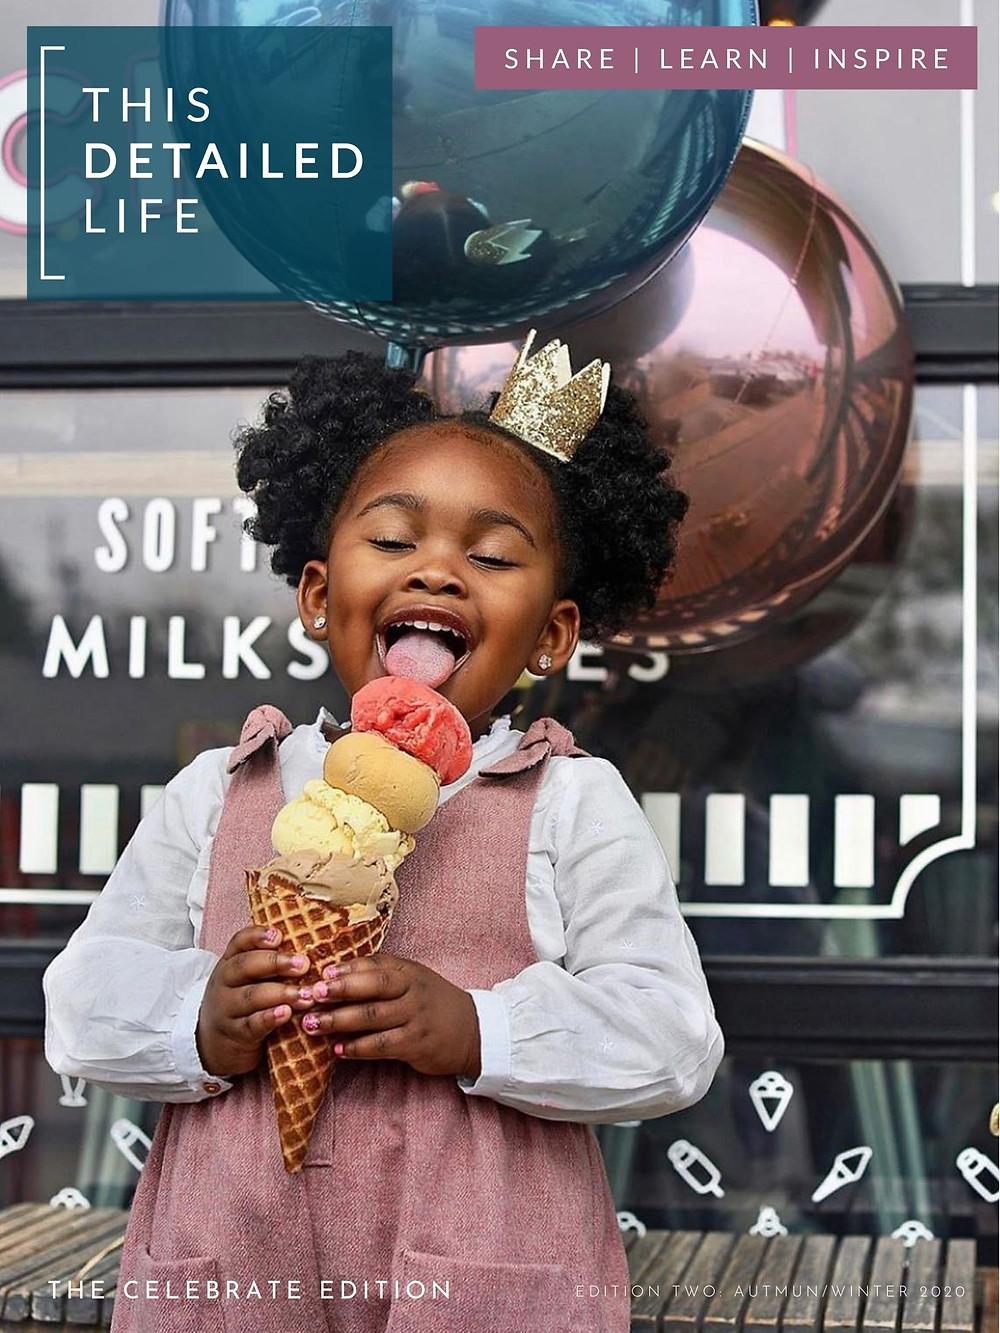 Girl enjoying ice-cream with balloons